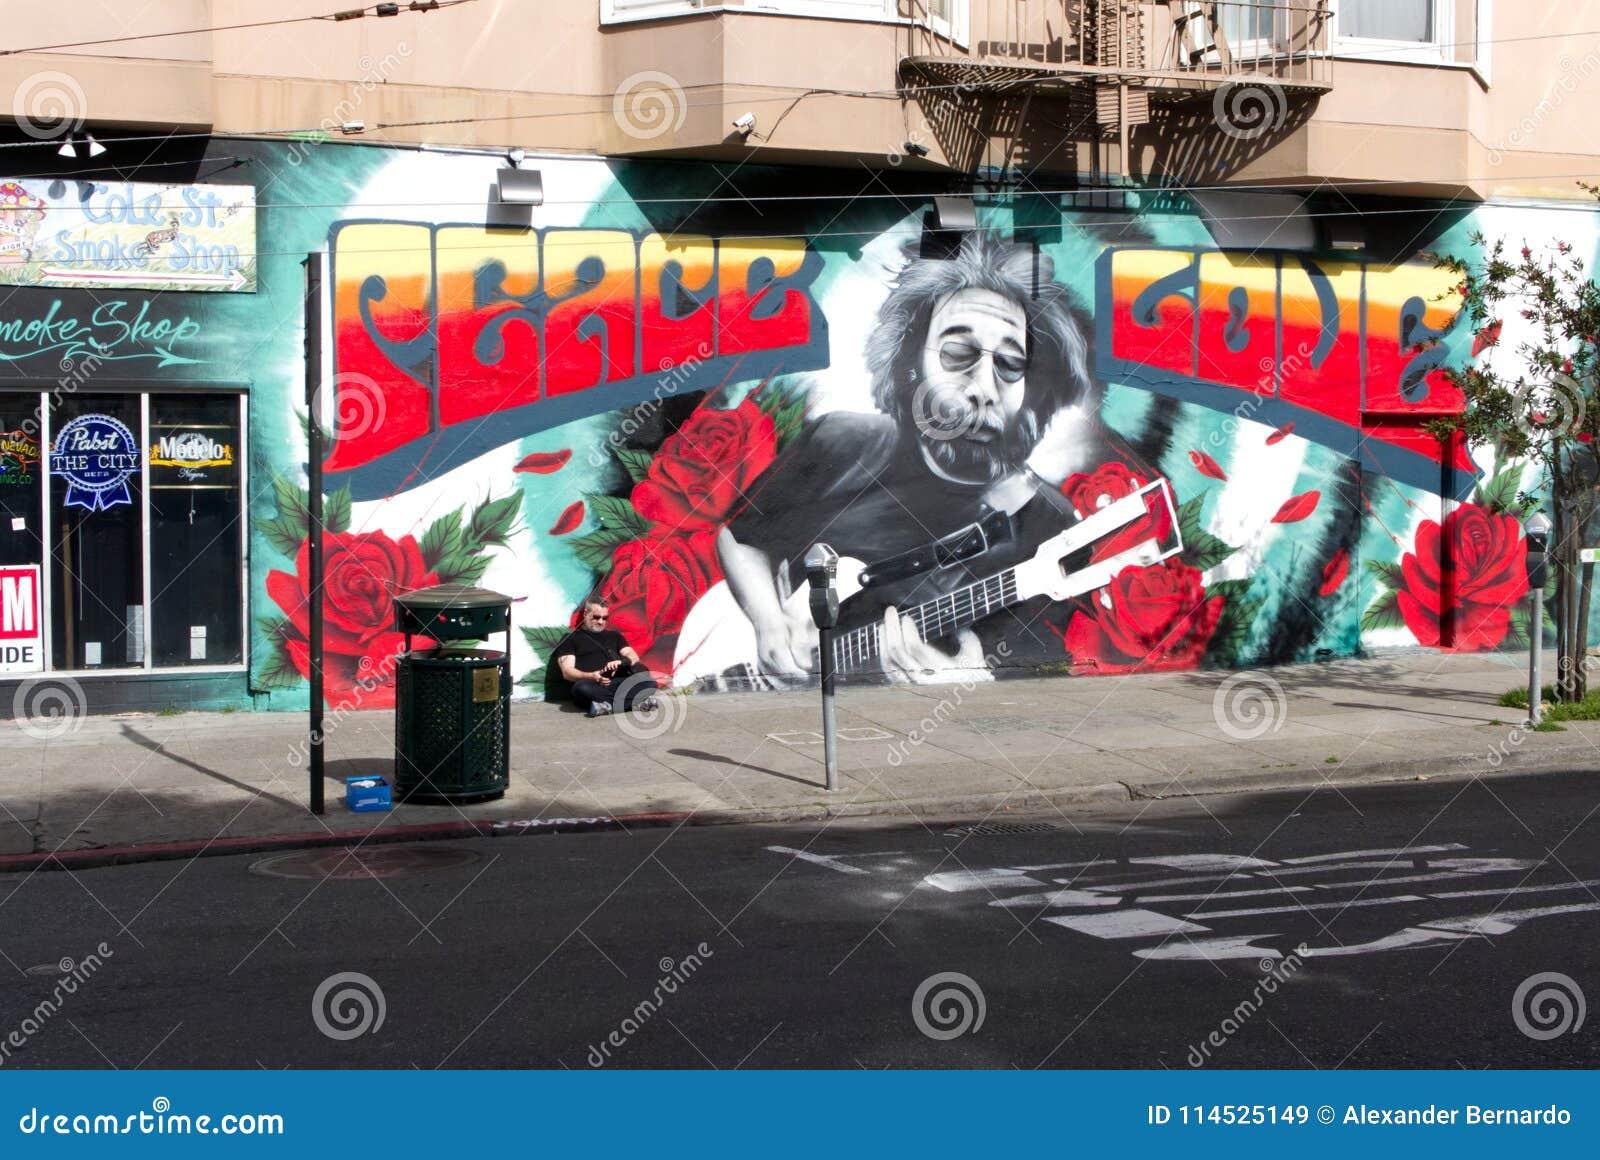 油菜街道壁画